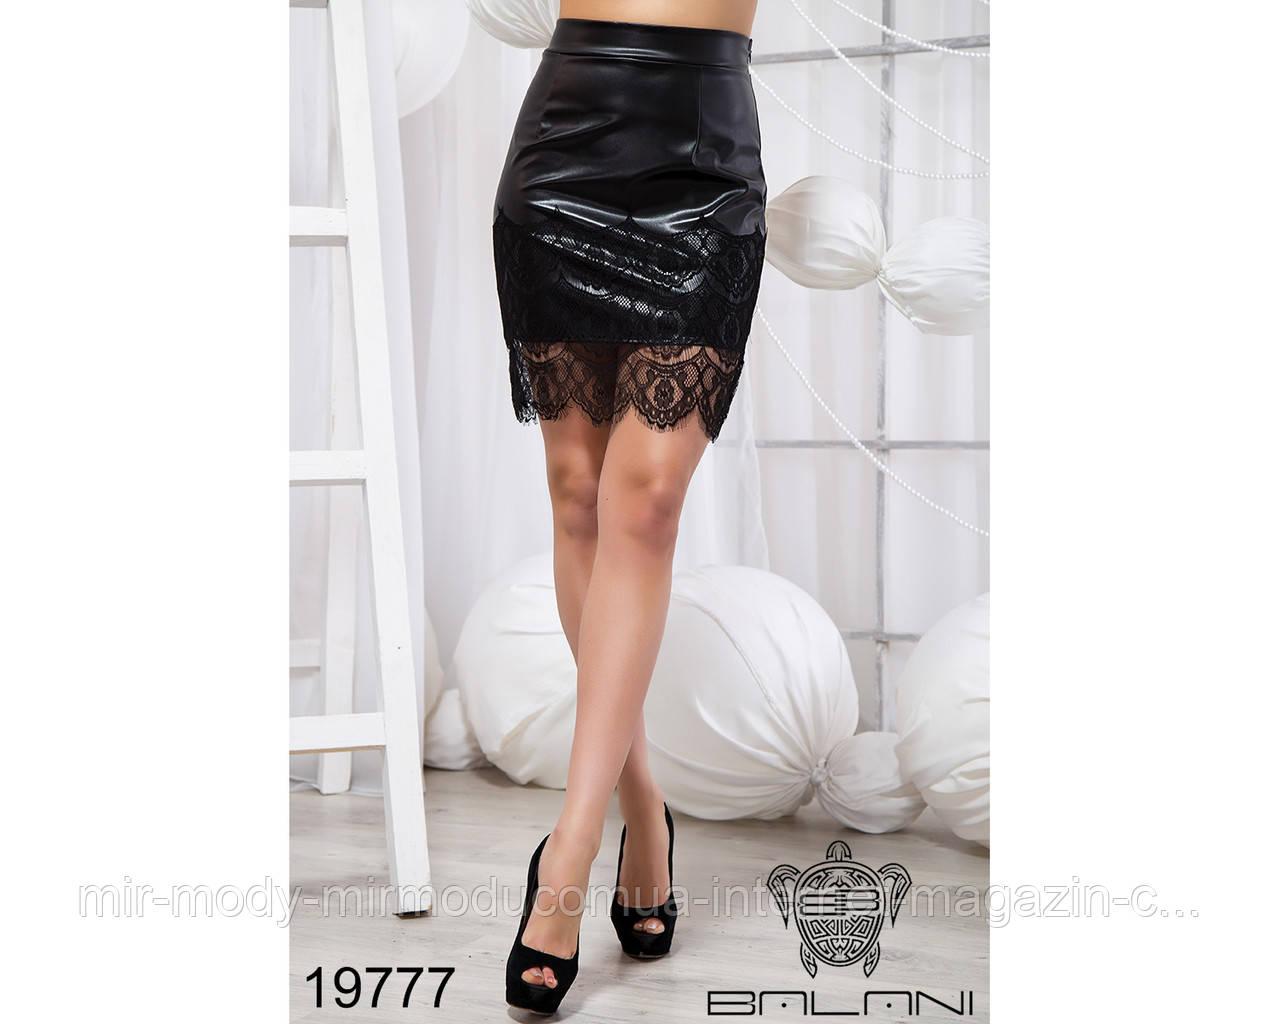 Короткая юбка с кружевом - 19777 бн